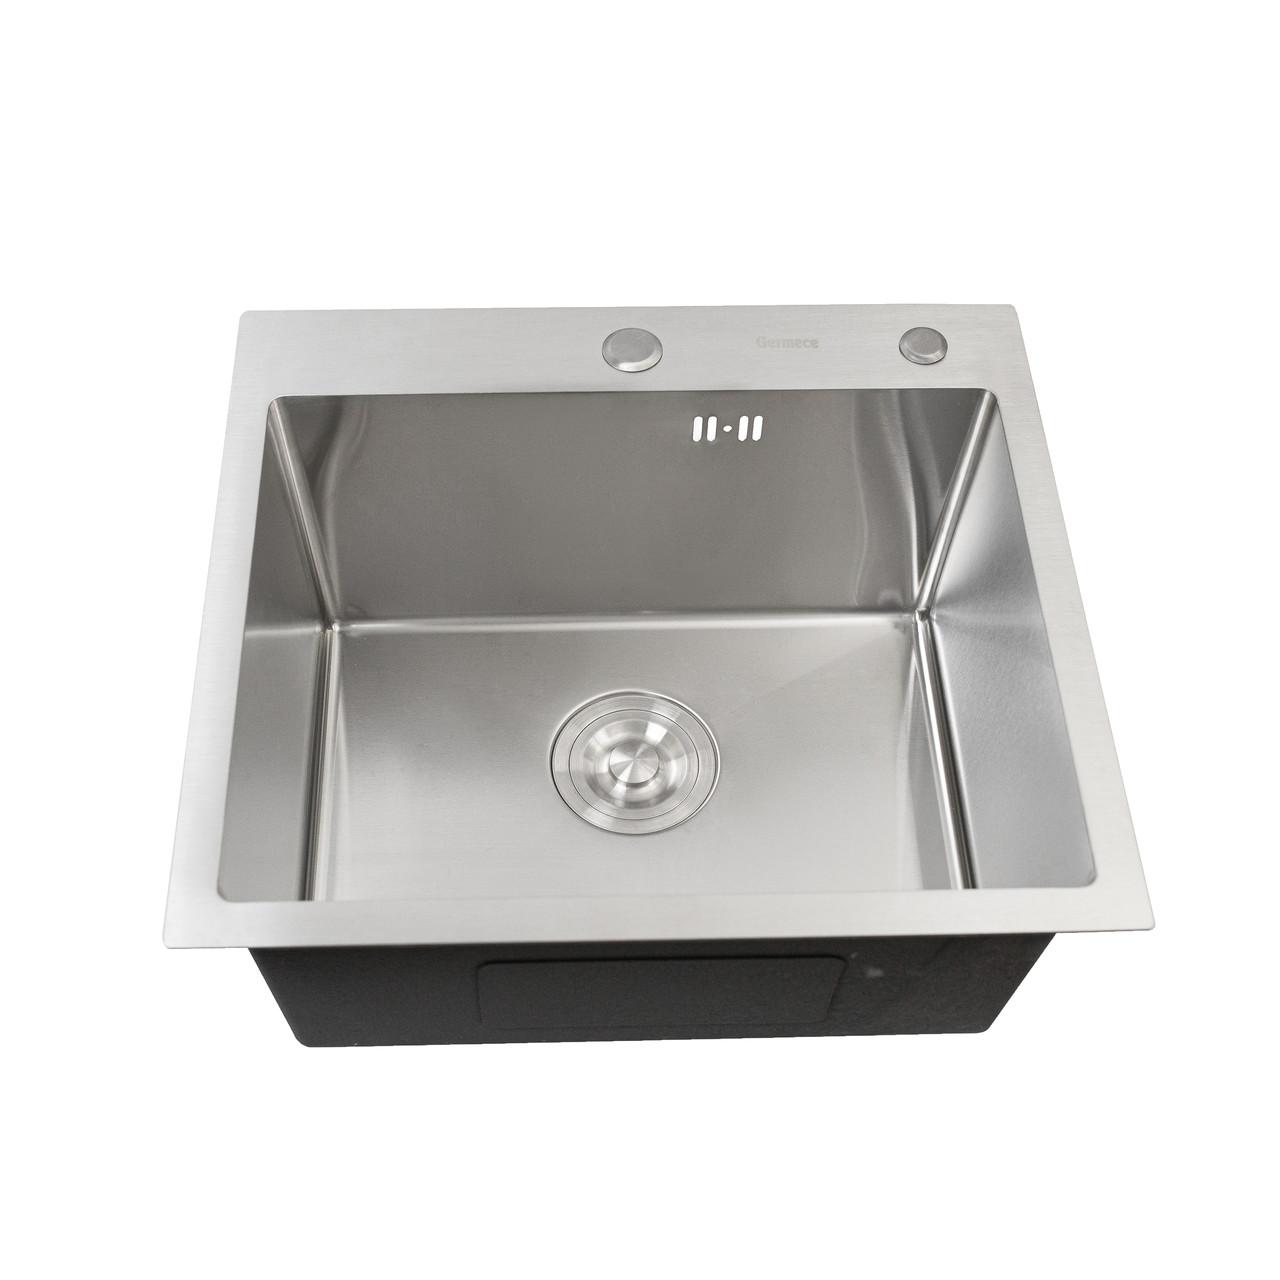 Кухонна мийка Platinum Handmade 50 * 50/220 3,0 / 1,5 мм кошик і дозатор в комплекті